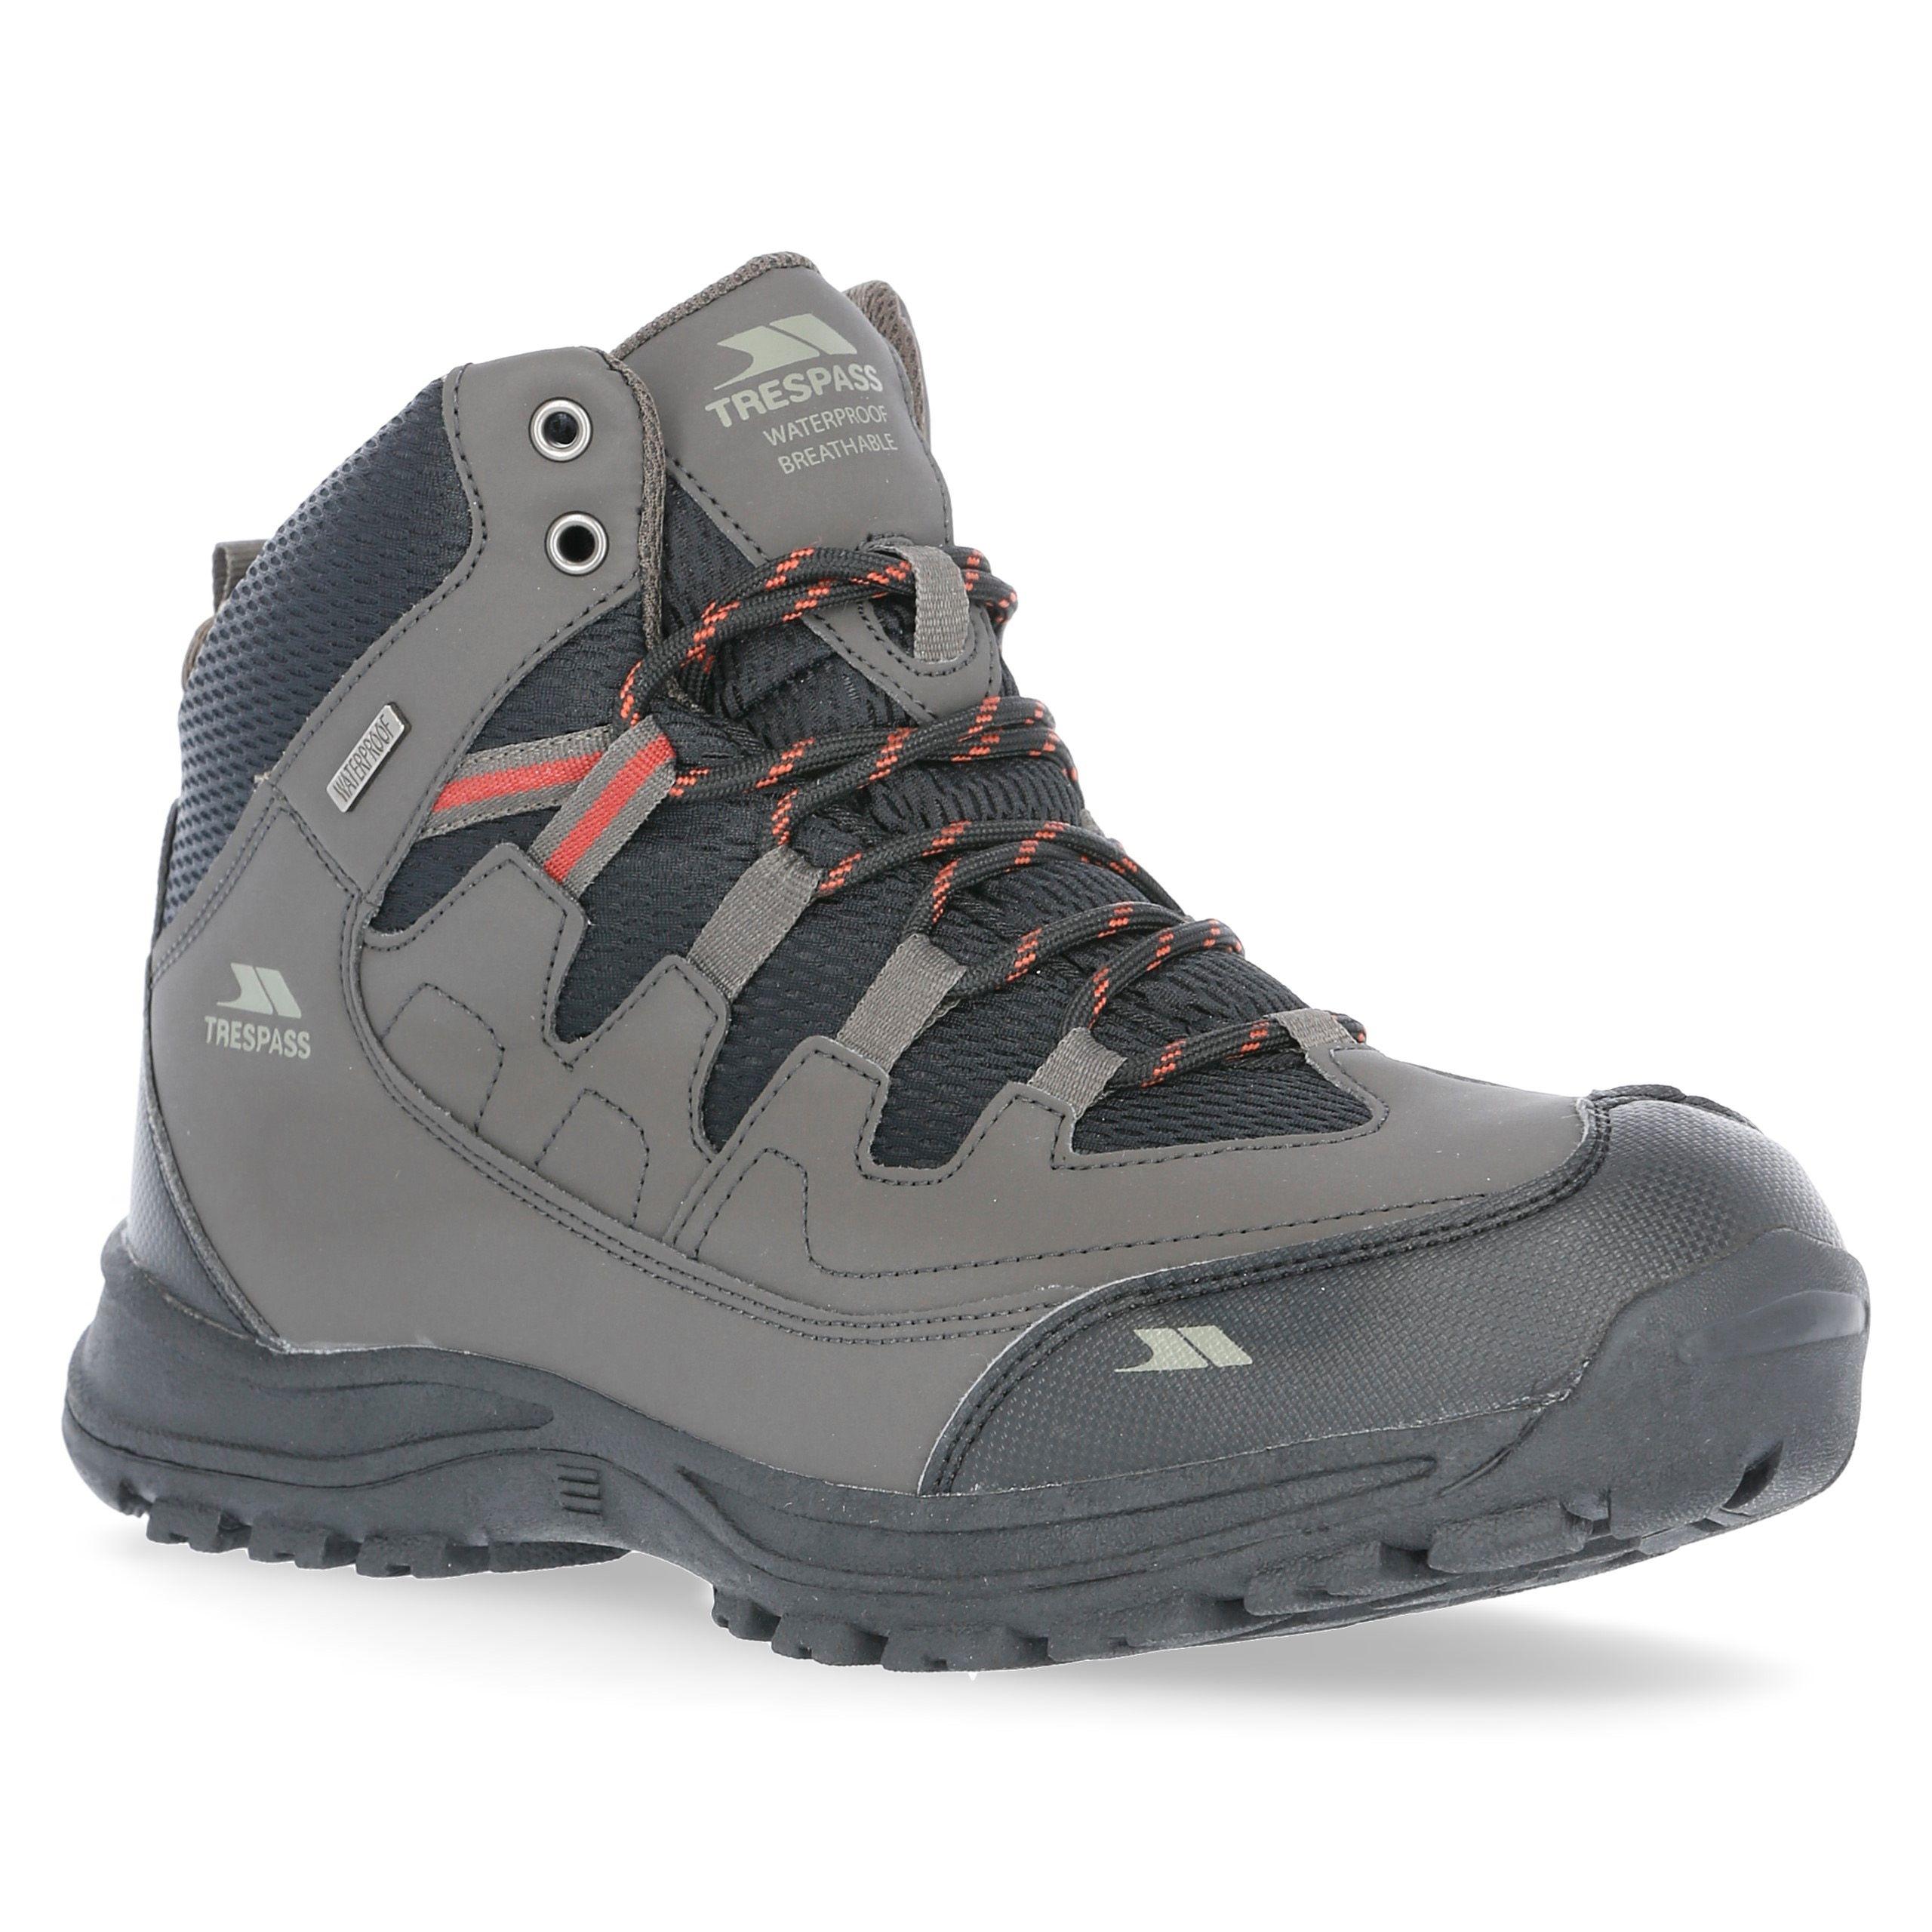 Jericho Mens Leather Waterproof Walking Boots